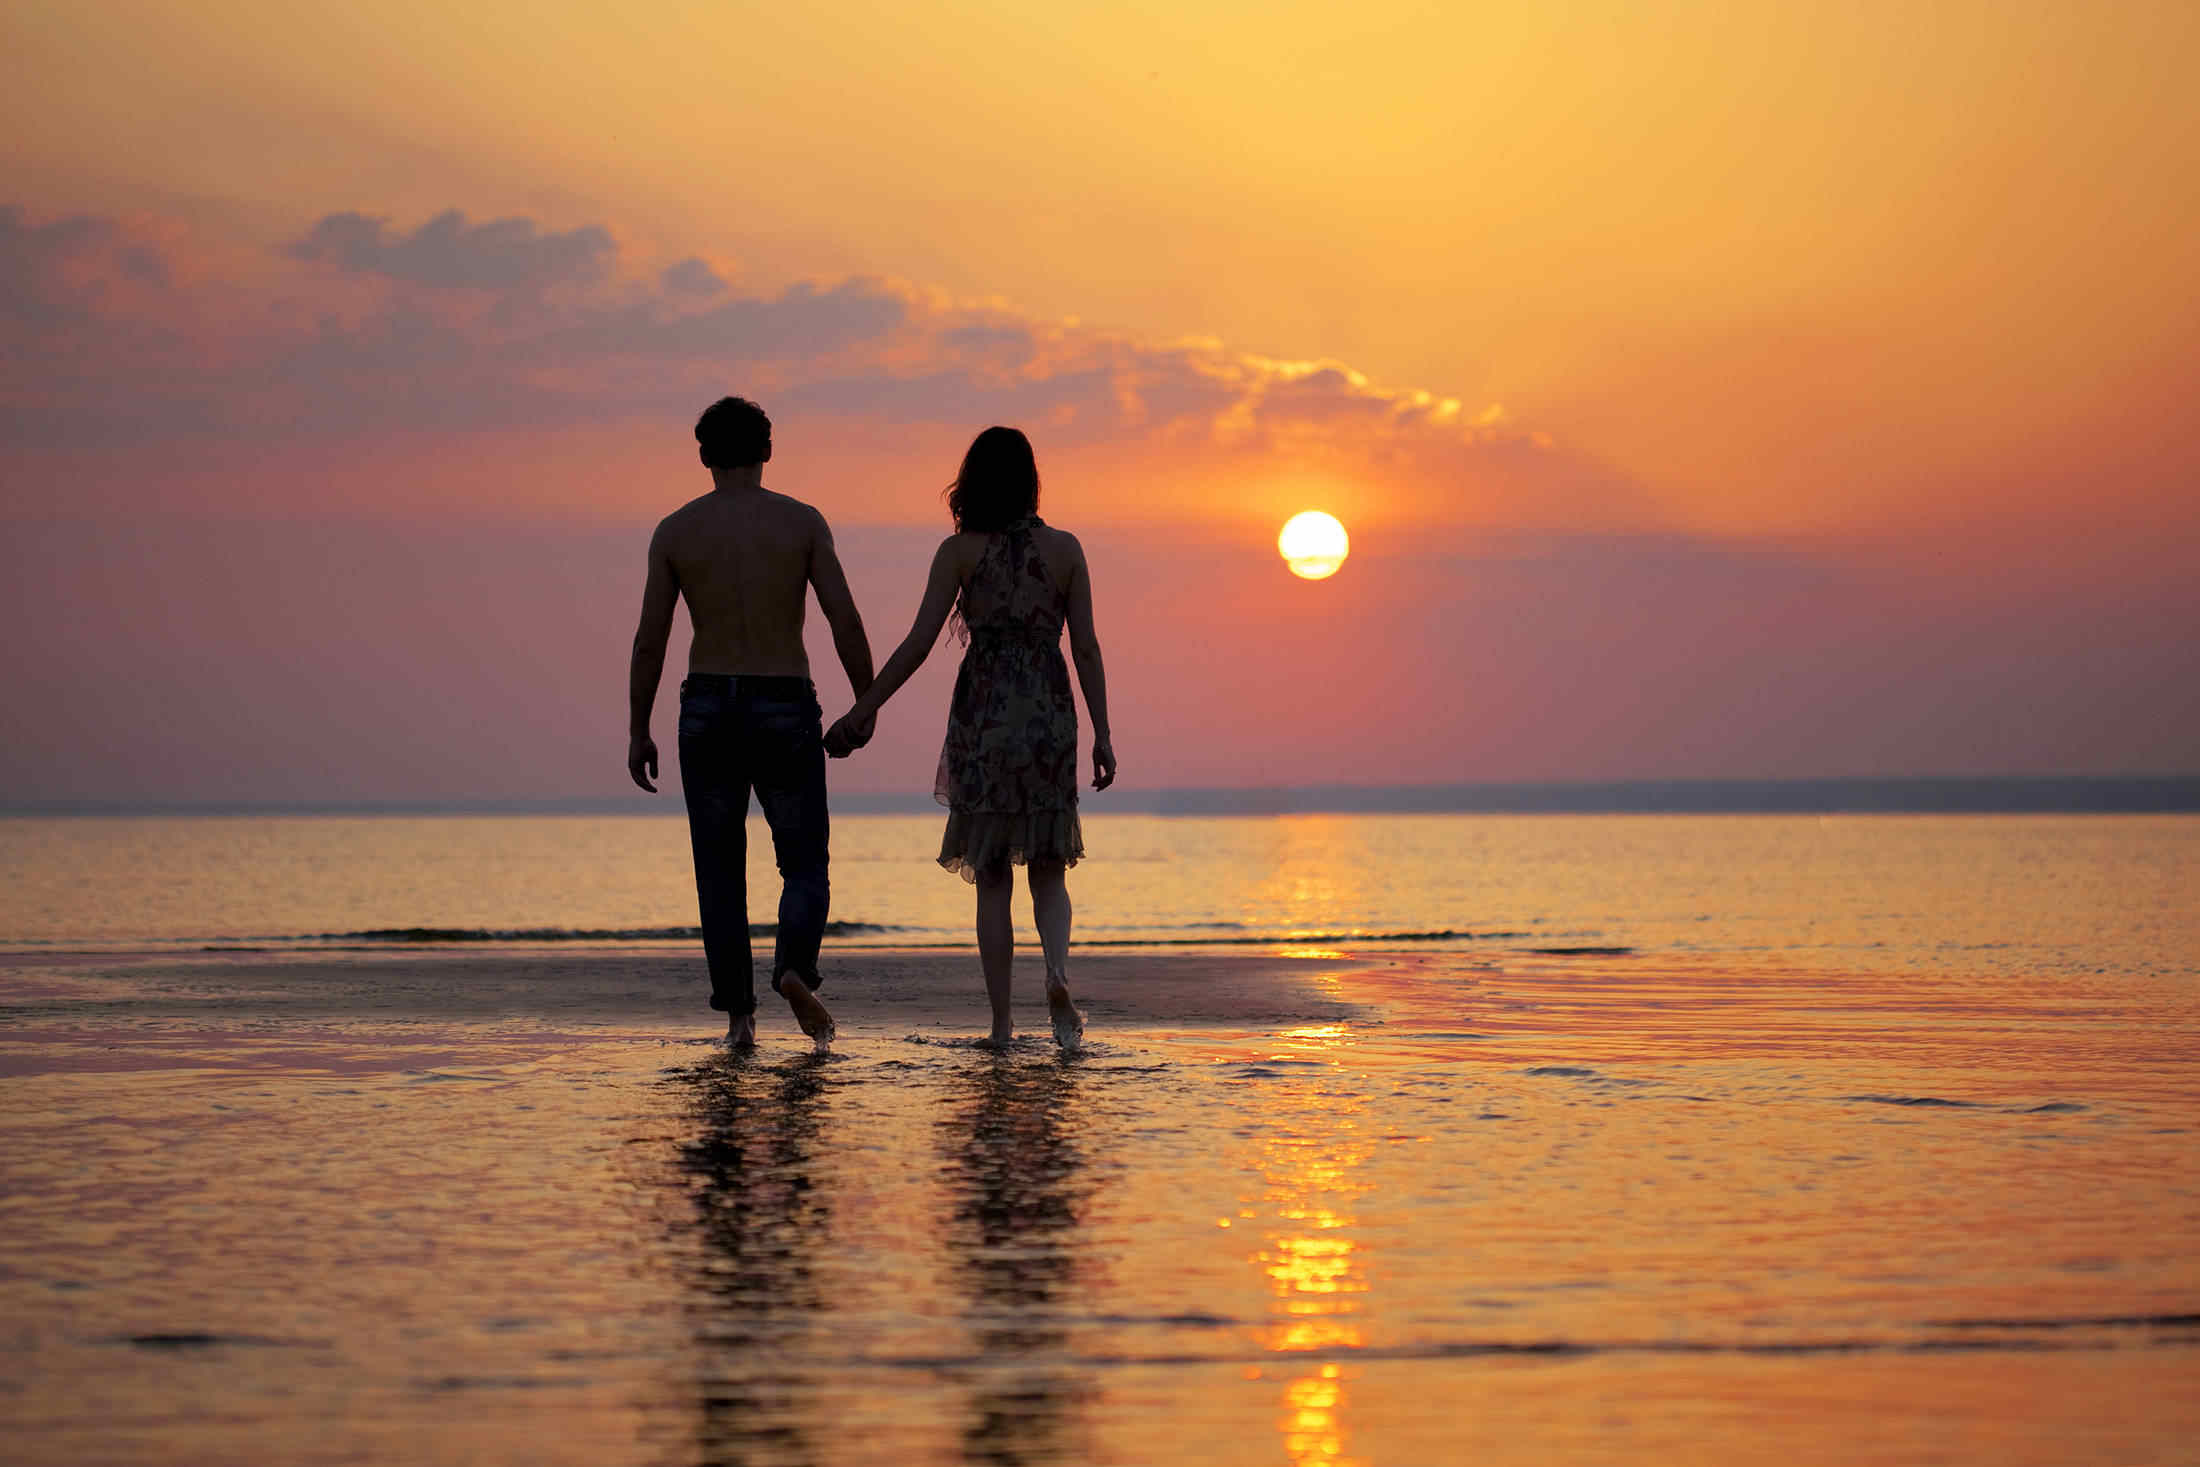 картинки о любви двое навсегда привыкли видеть